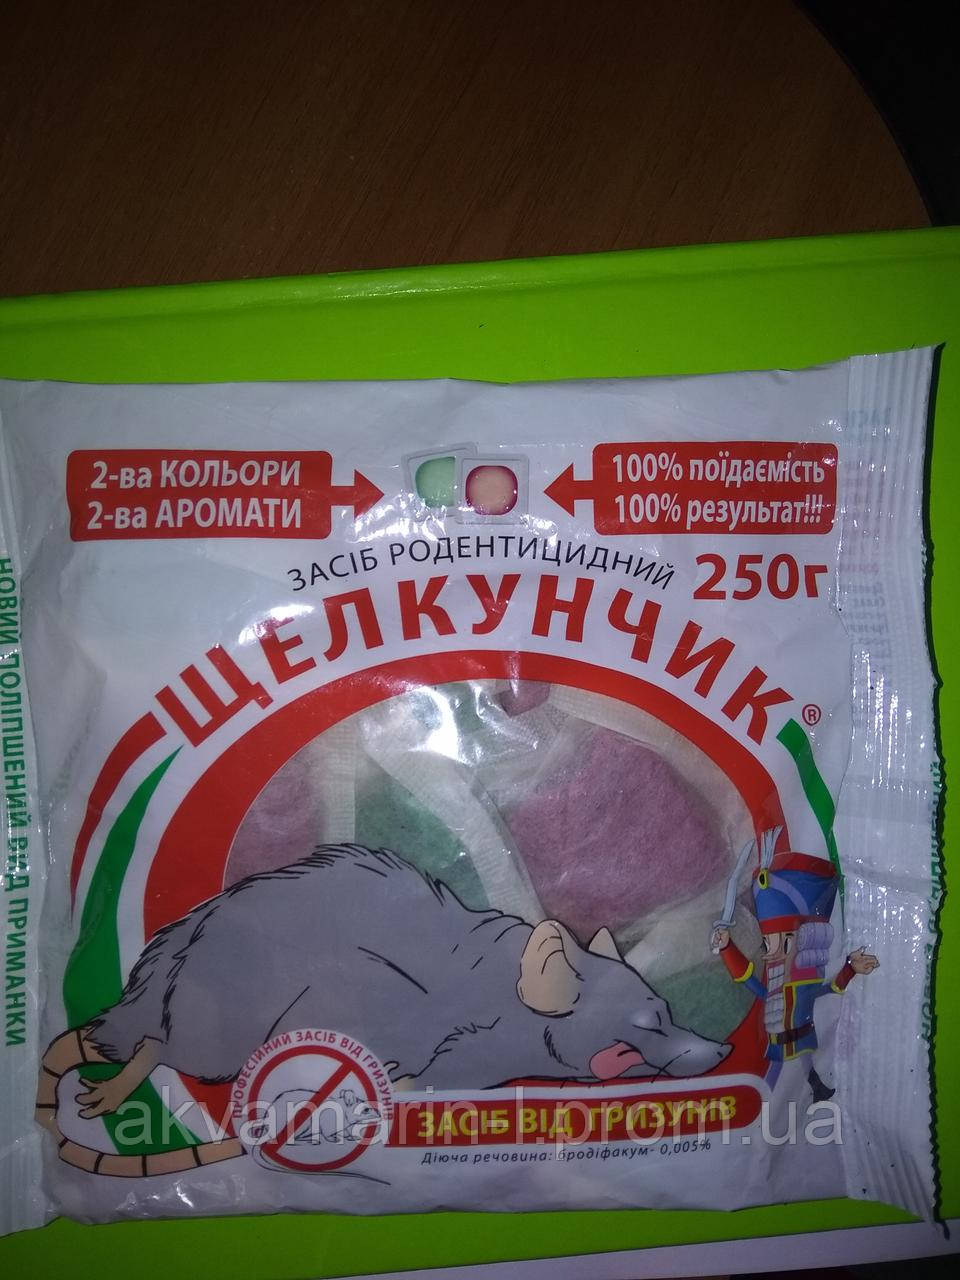 Приманка тестообразная  Щелкунчик, для  грызунов.250г